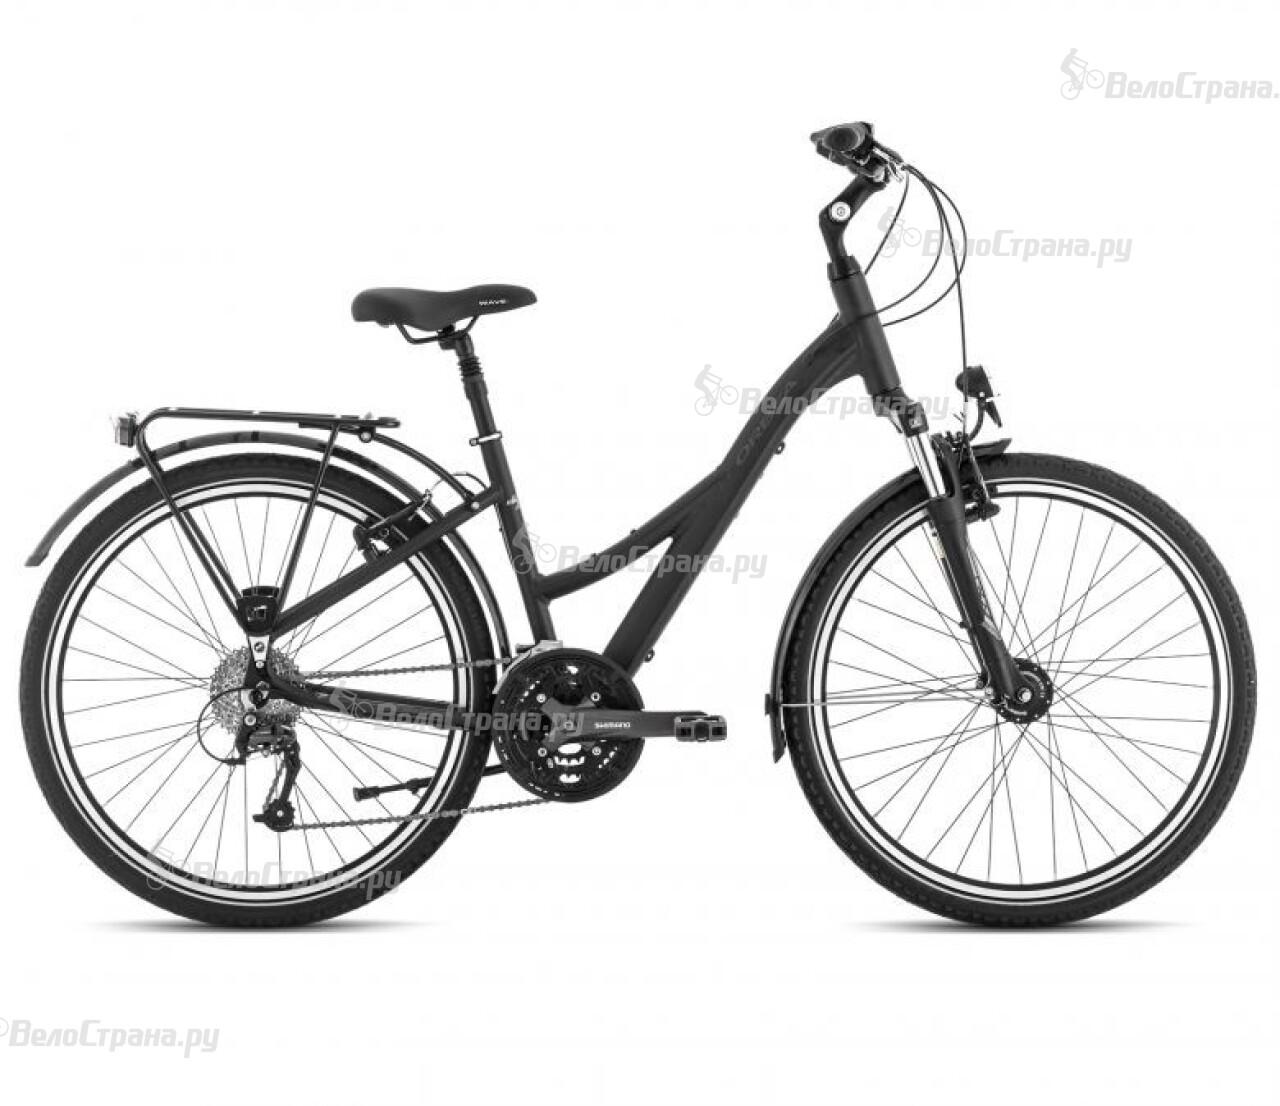 Велосипед Orbea Comfort 26 10 Open Eq (2014) велосипед orbea comfort 26 30 open eq 2014